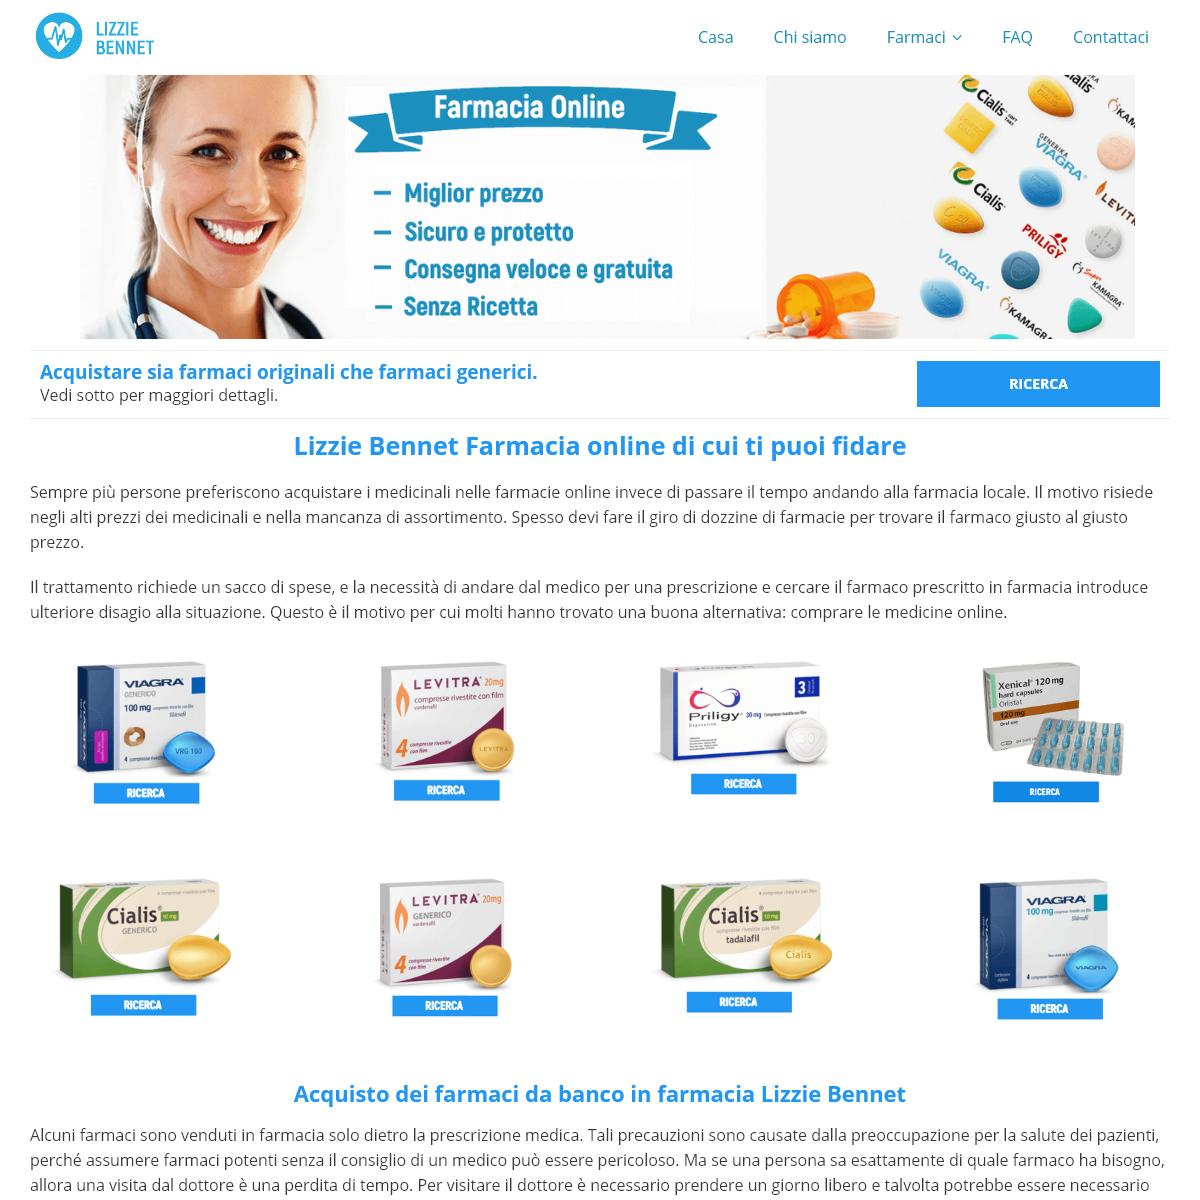 Comprare i medicinali in LizzieBennet farmacia senza ricetta - 2020